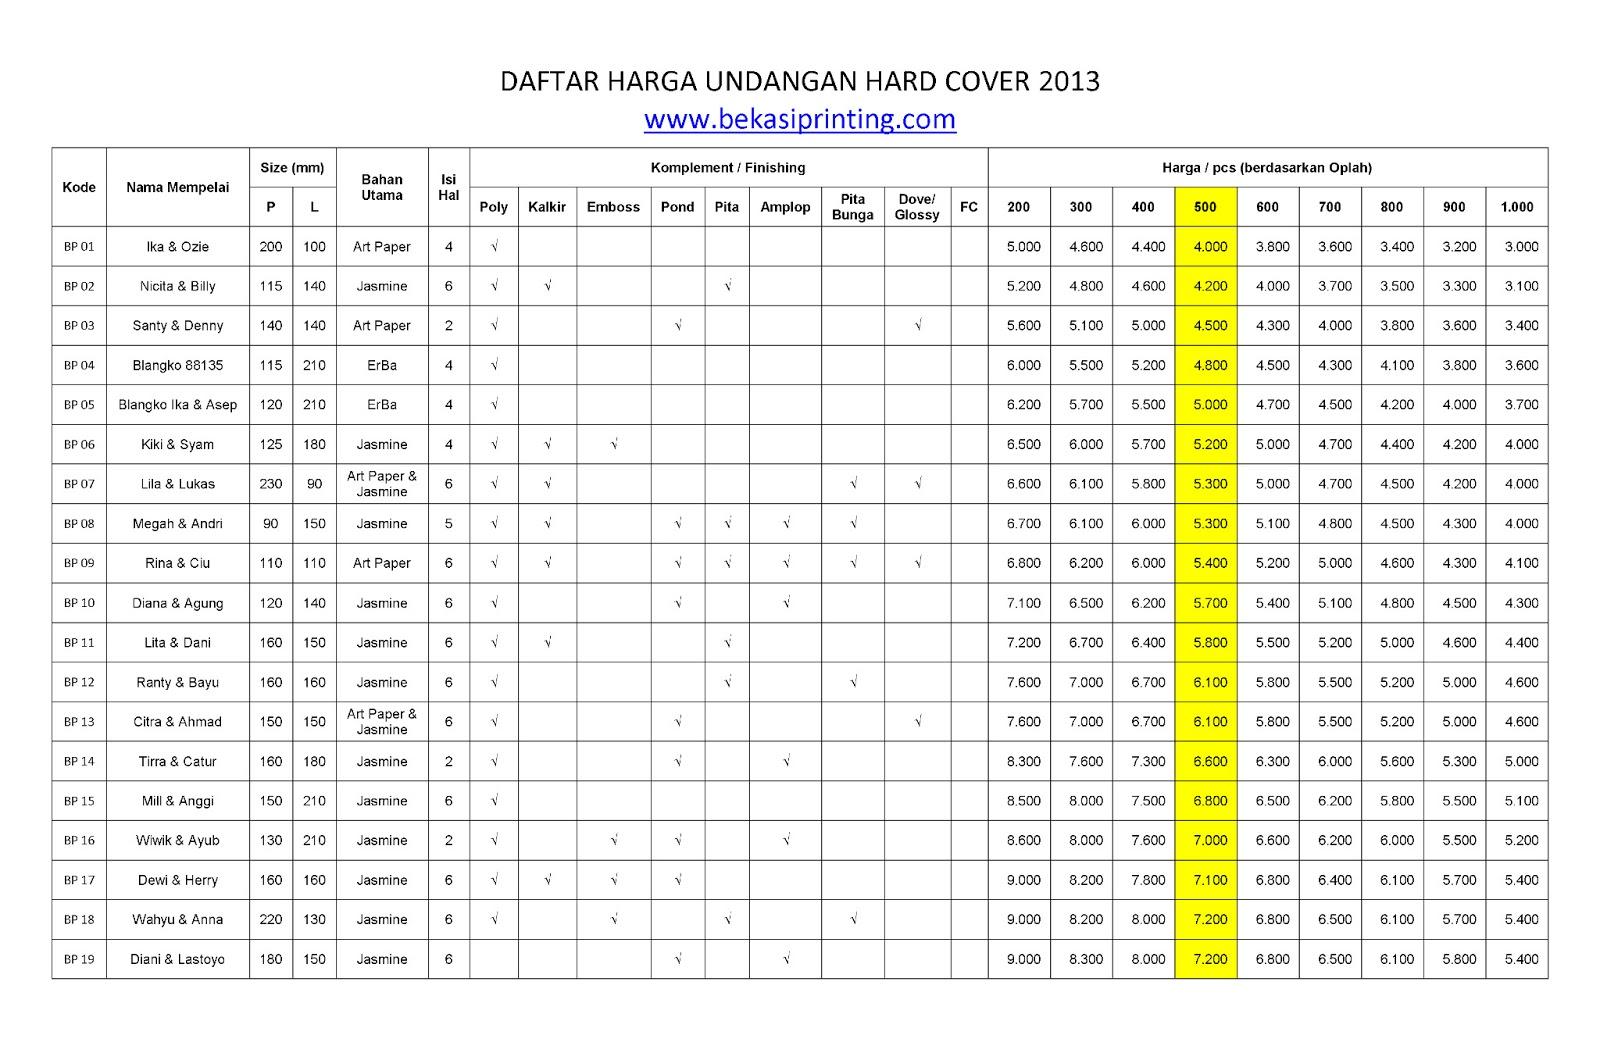 Daftar Harga Undangan Hard Cover Bekasi Printing Terbaru DISINI